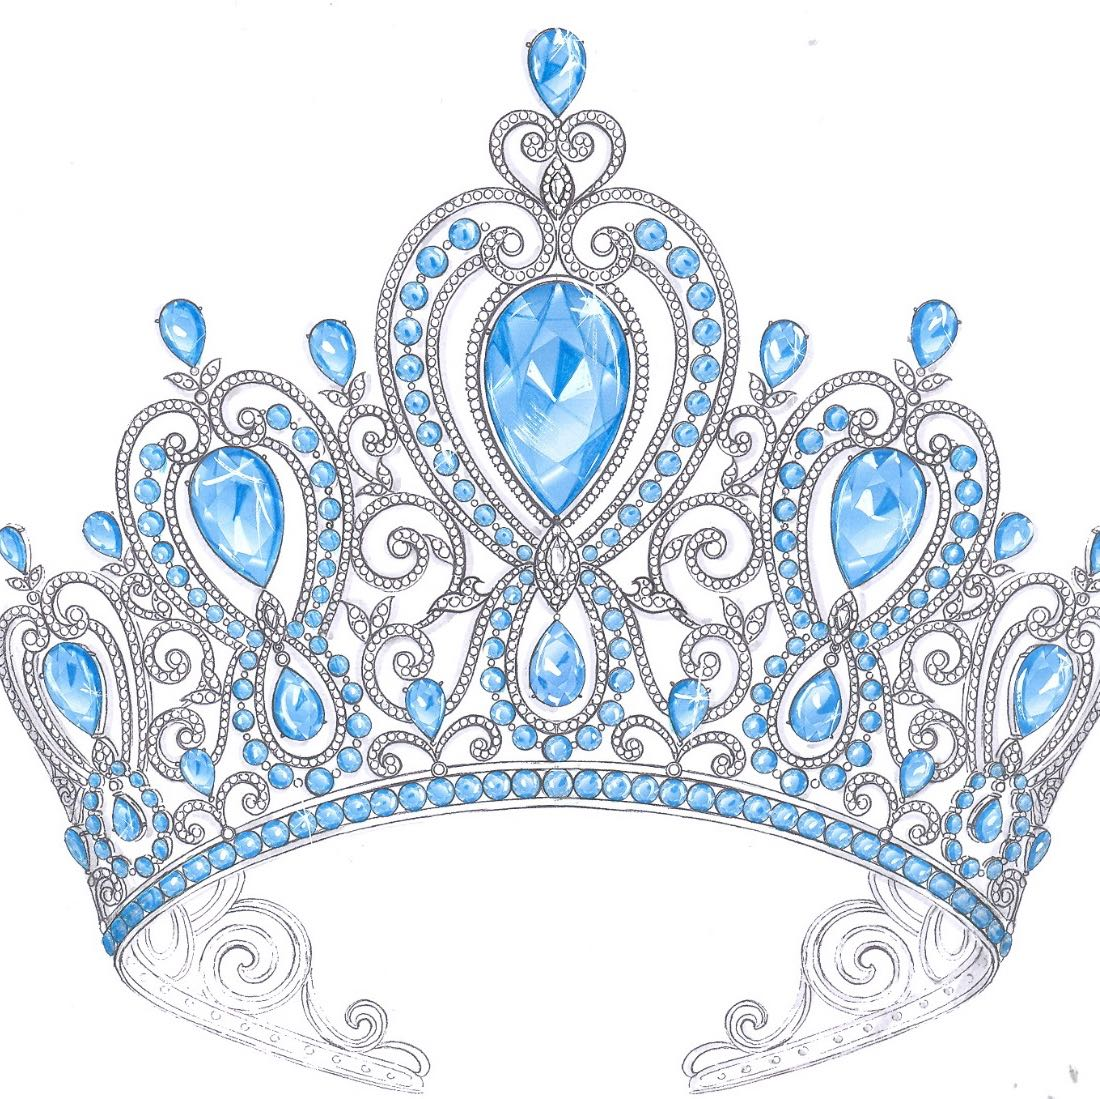 her_majesty